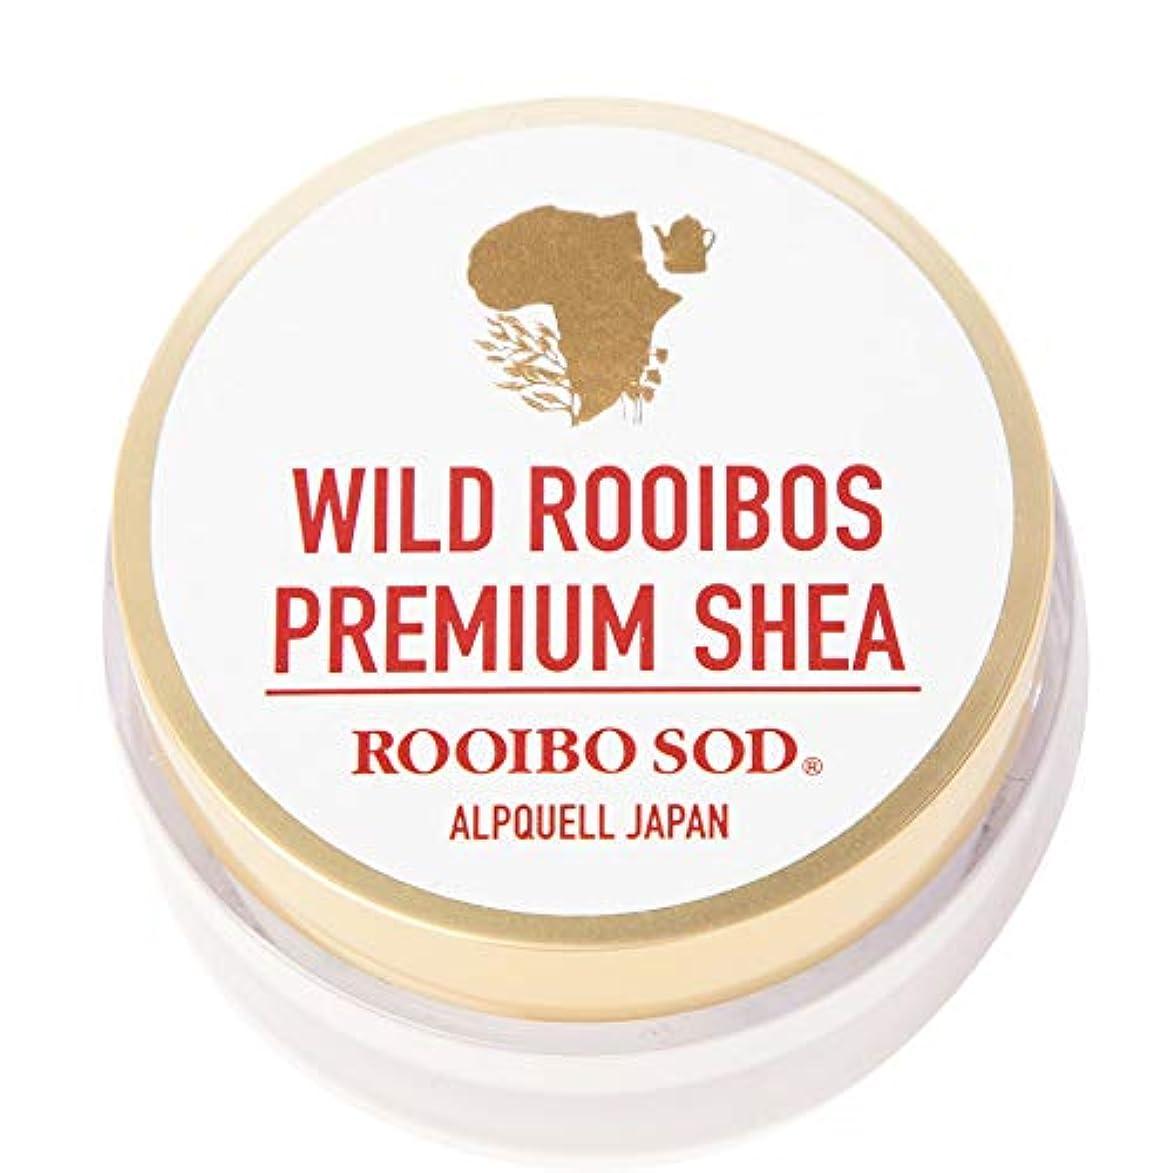 参照する塊評価可能ROOIBO SOD ルイボソード プレミアムシアクリーム シア脂 ルイボスエキス配合 無添加、天然成分100%